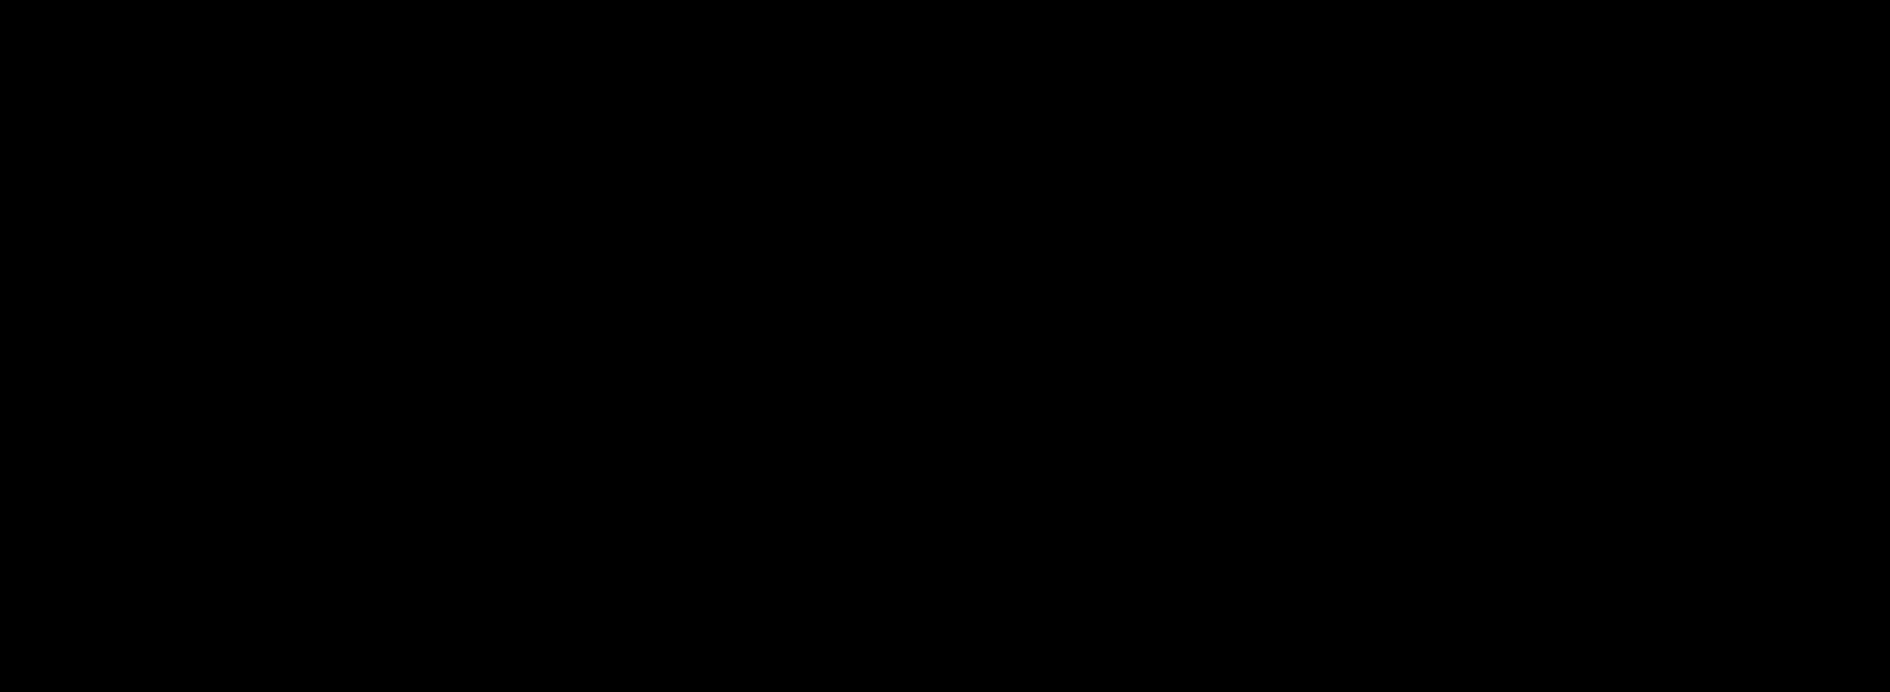 4-β-D-Glucopyranosyl ferulic acid methyl ester